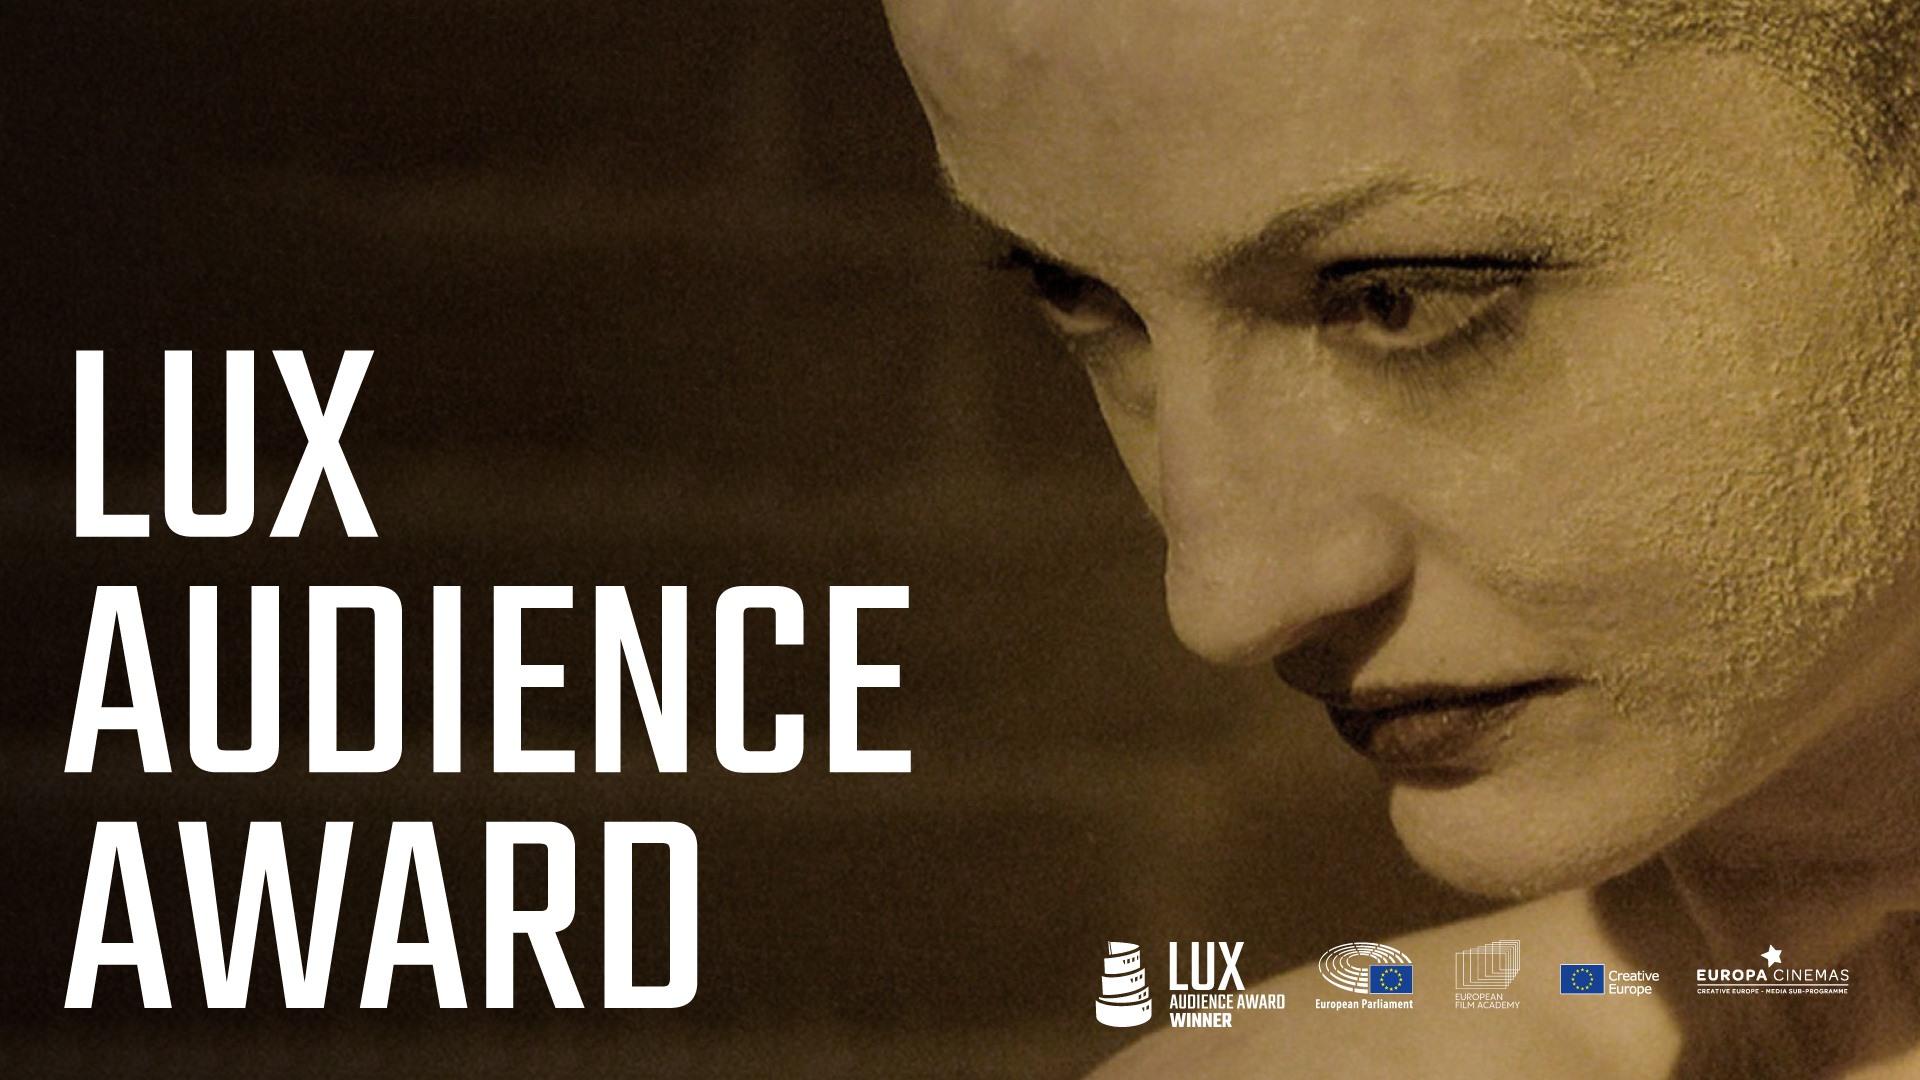 Collective de Alexander Nanau - Vencedor do Lux Audience Award 2021 (Entrada Gratuita)